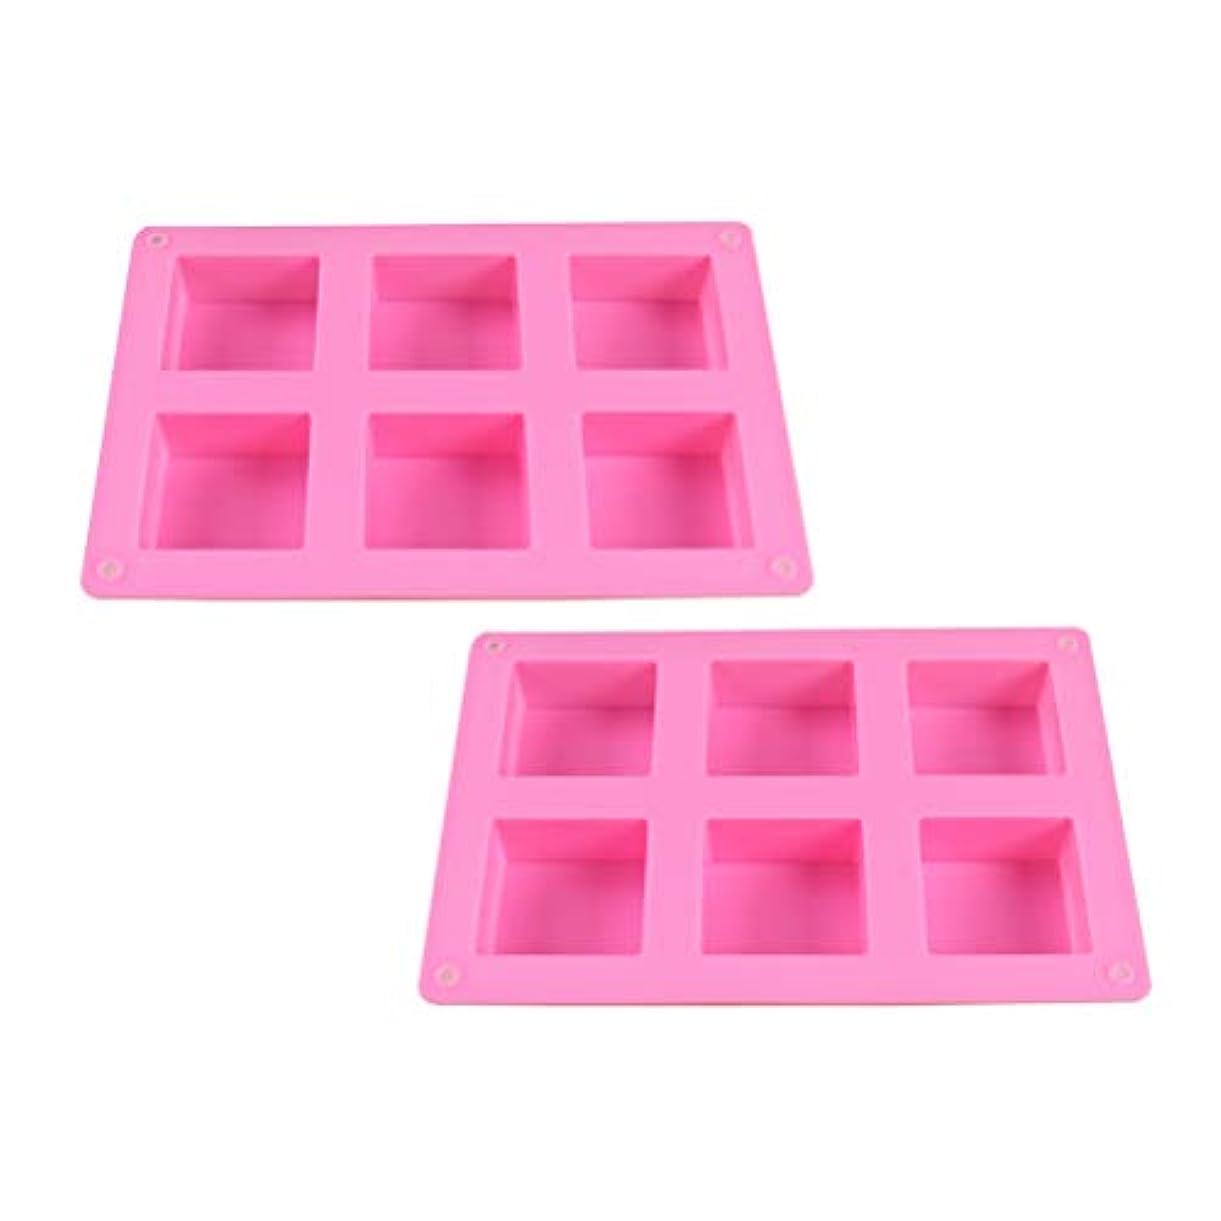 気づくなるに応じて近似HEALIFTY DIYのケーキのベーキング型のための6つのキャビティシリコーンの石鹸型との石鹸作りのための2PCS石鹸型